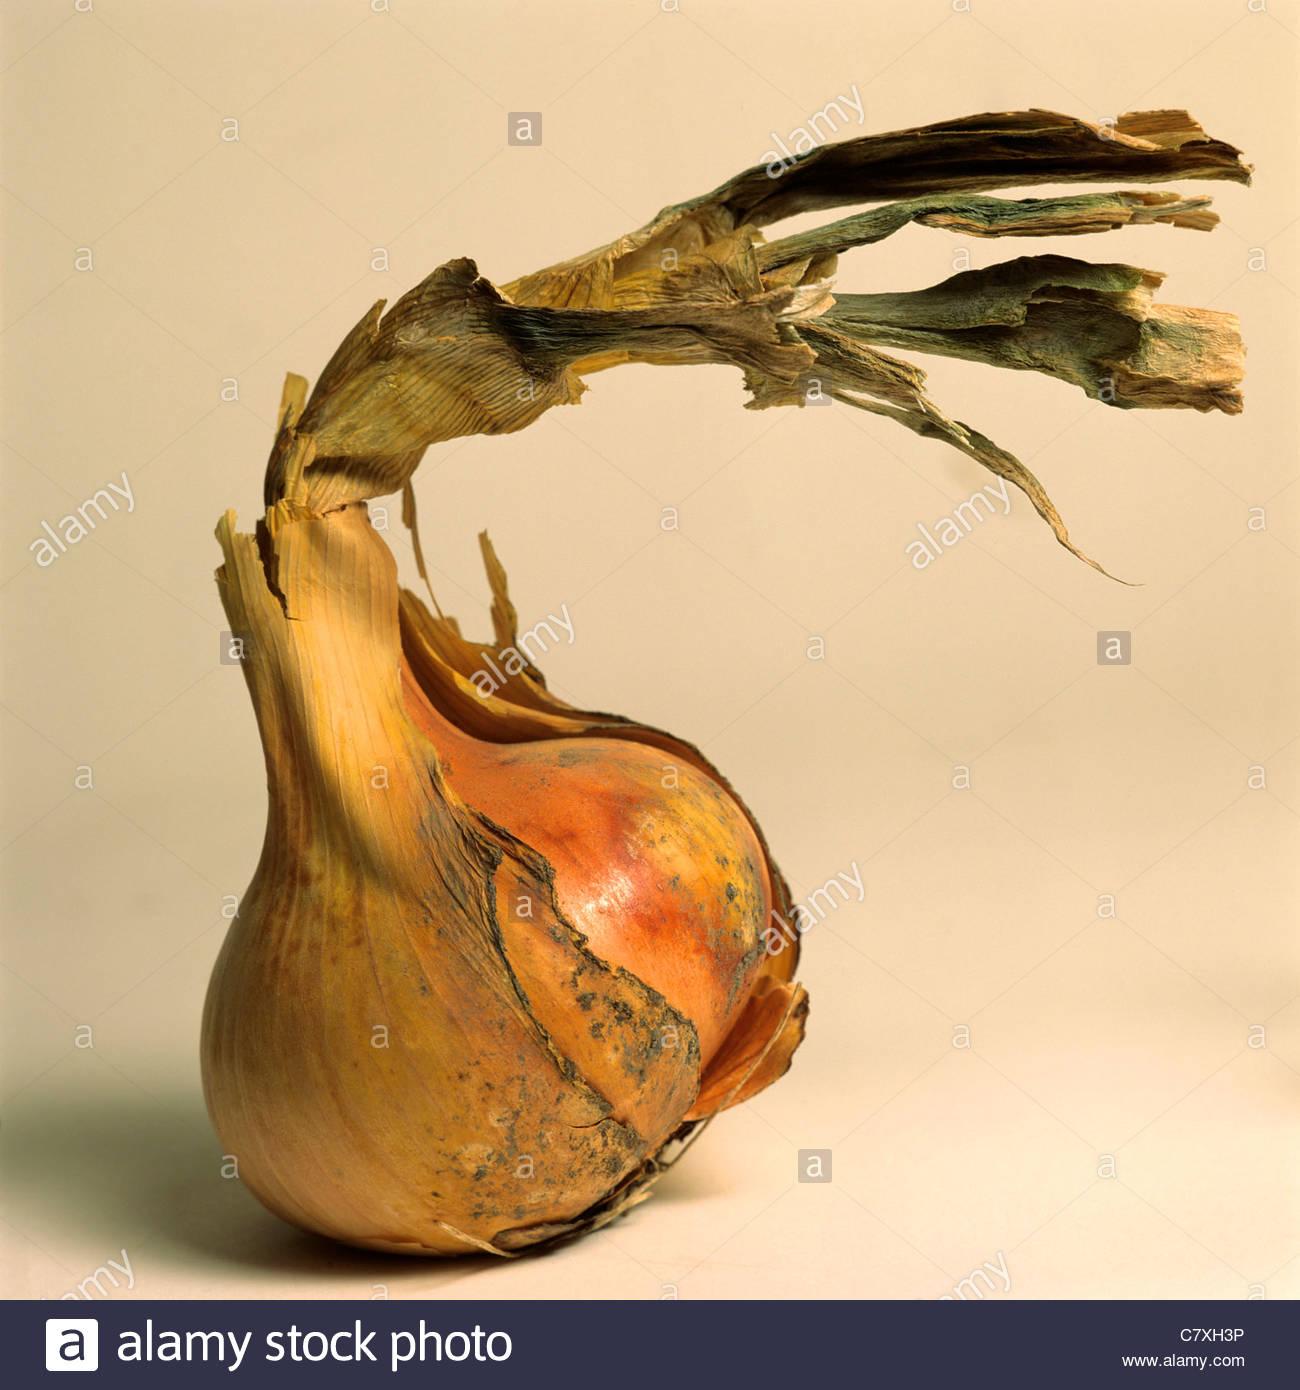 Cebolla con descamación de la piel Imagen De Stock